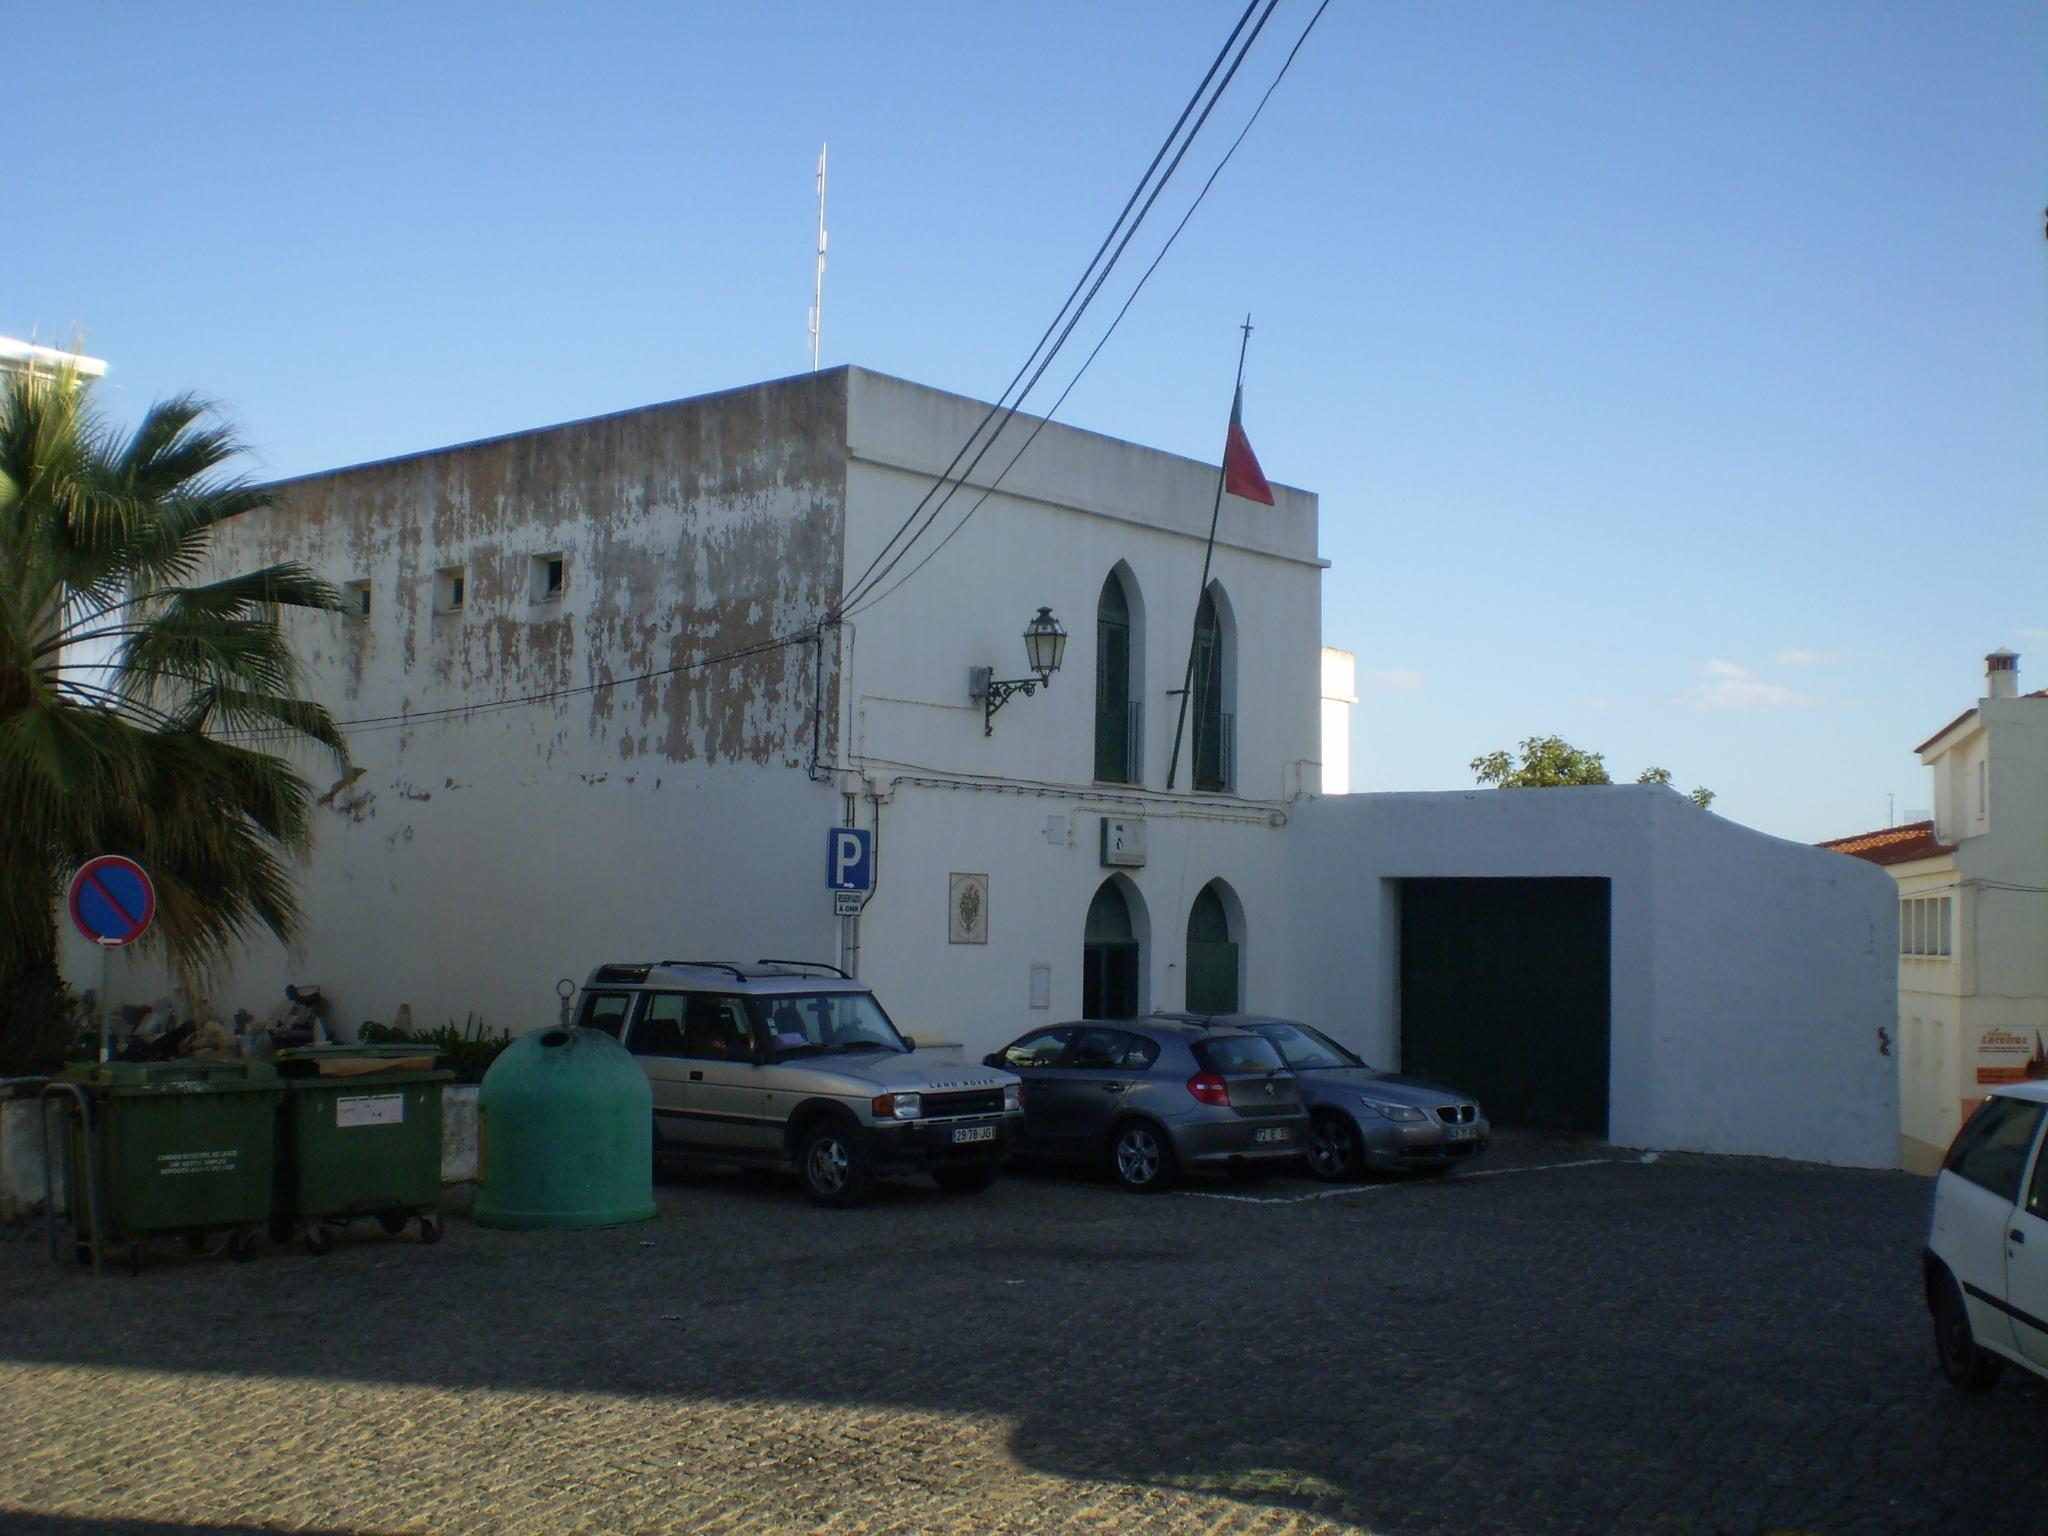 Convento de Nossa Senhora do Loreto